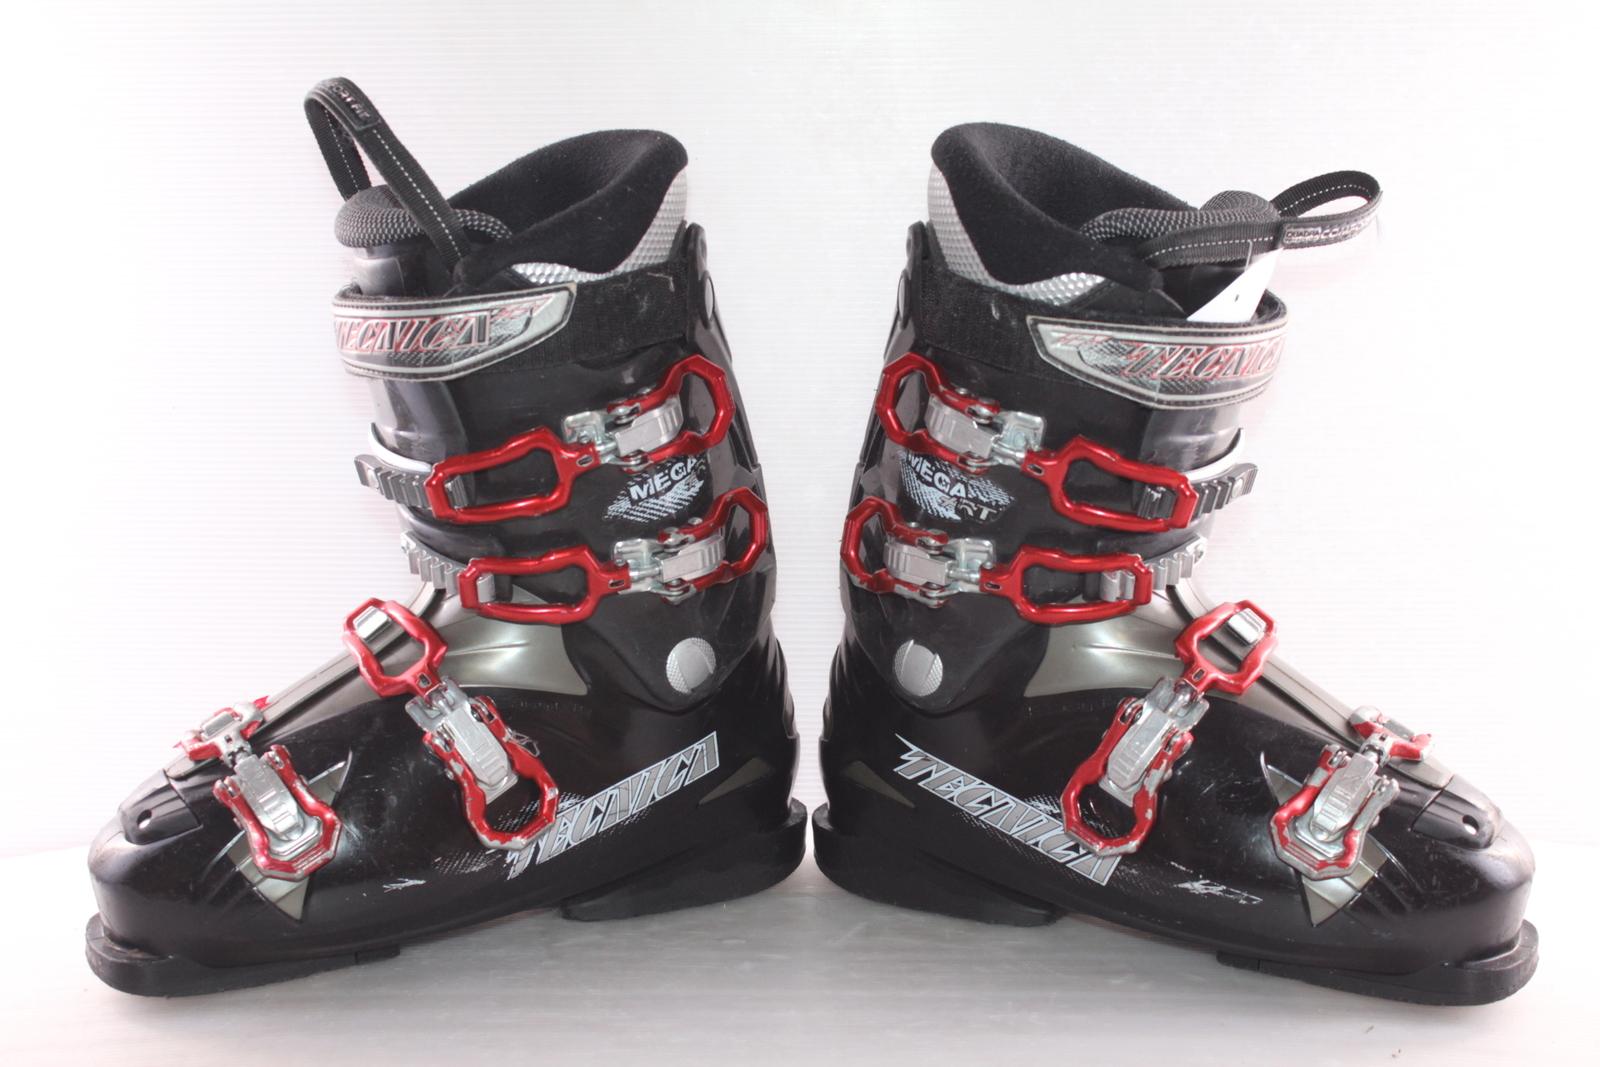 Lyžařské boty Tecnica Mega +RT vel. EU42.5 flexe 80